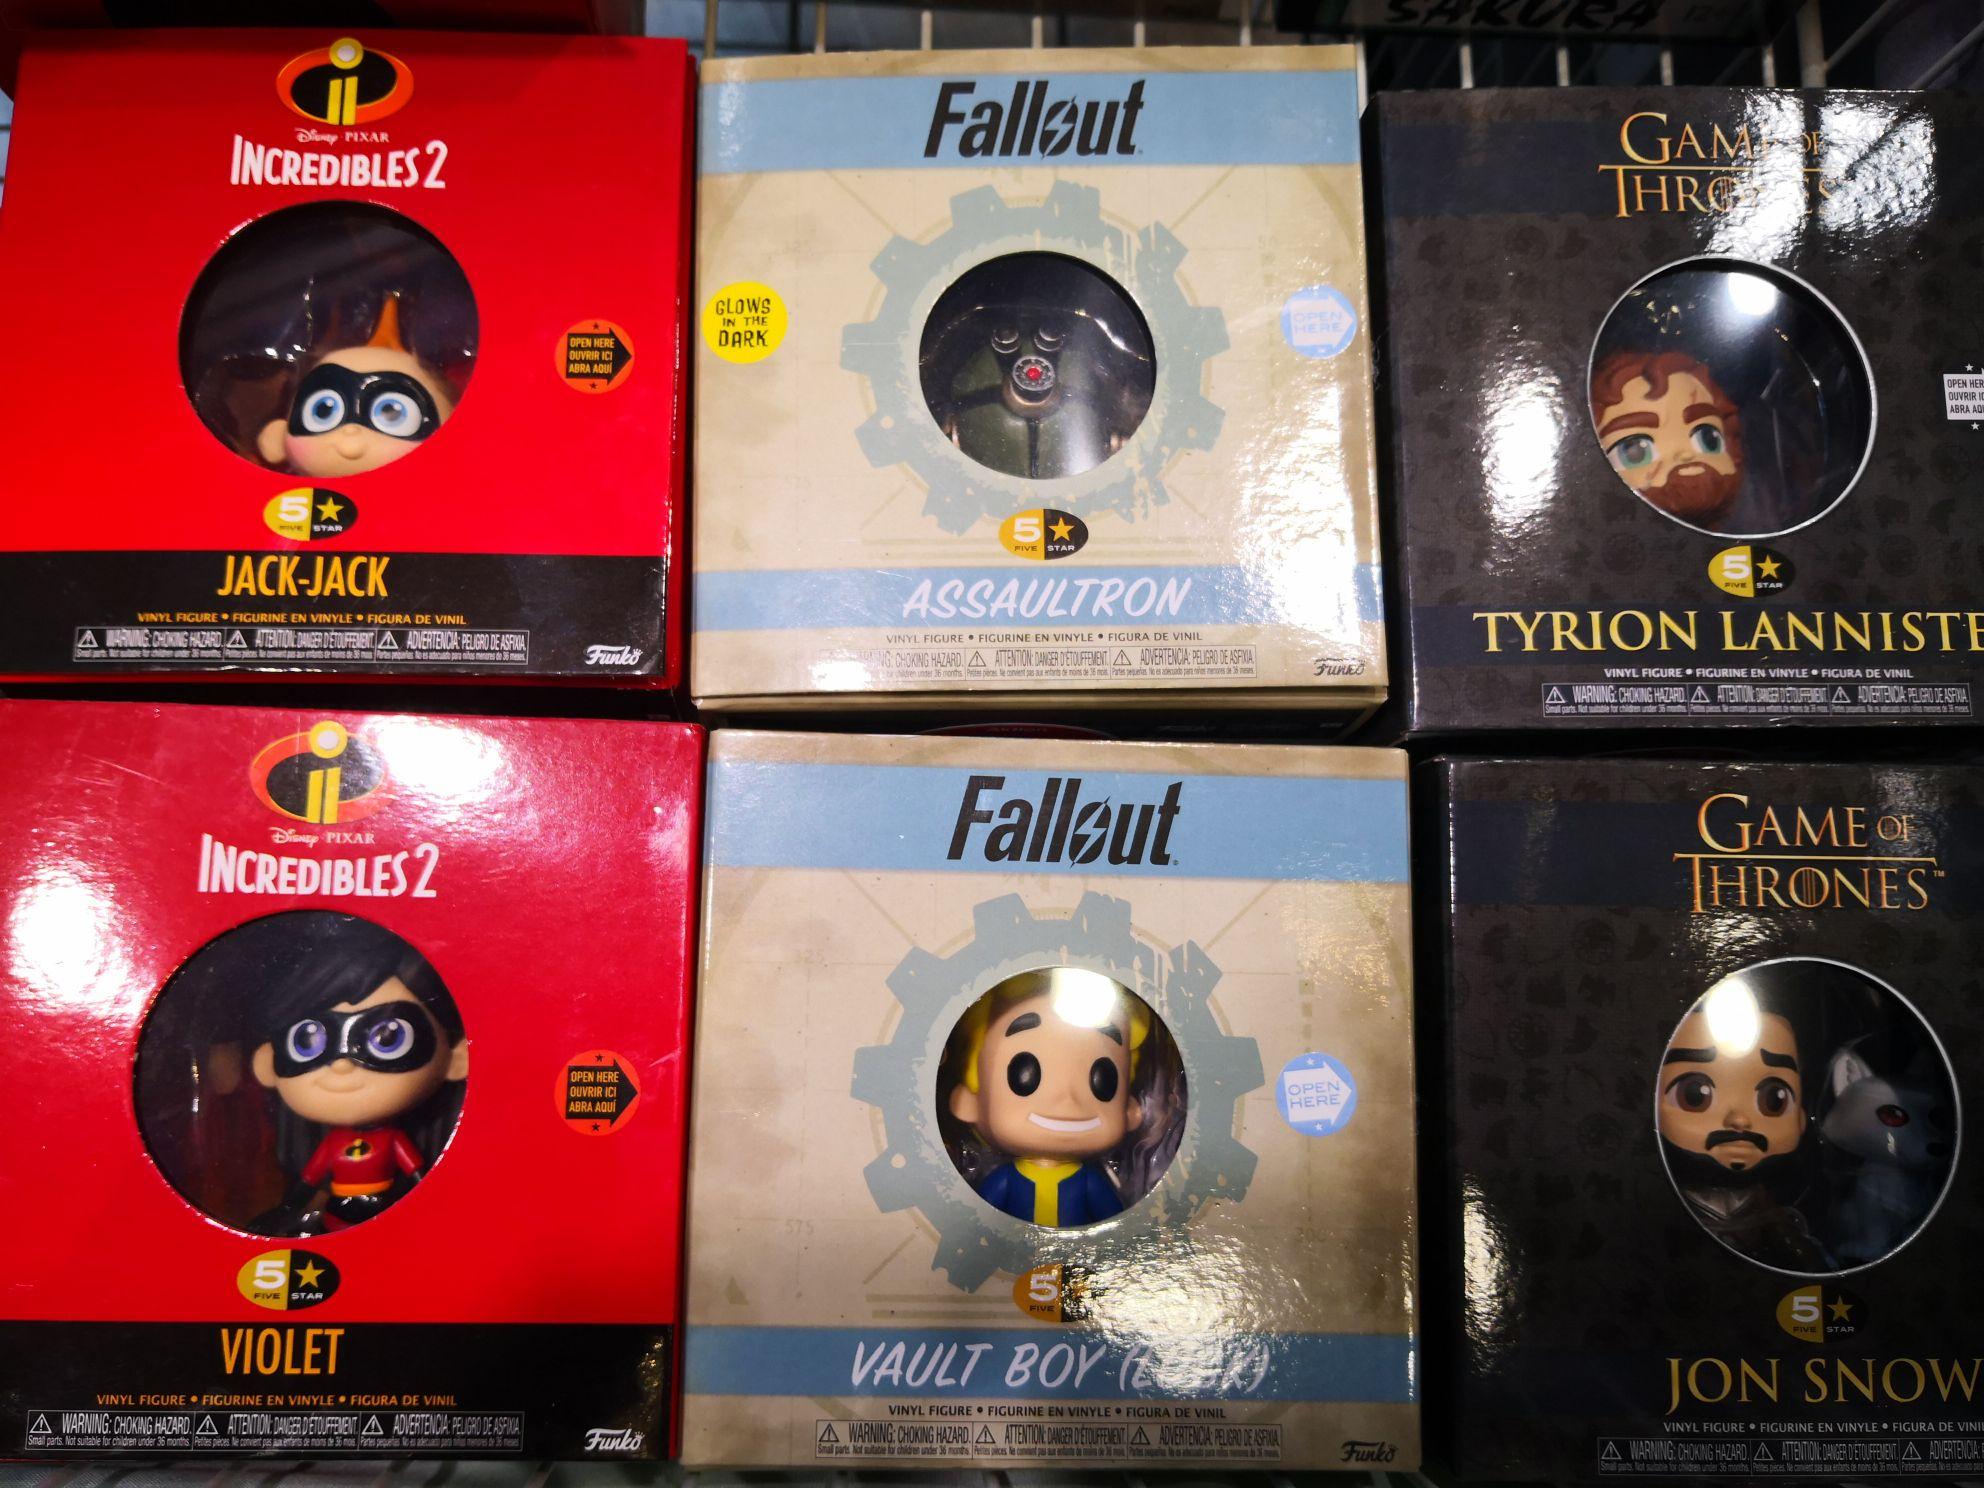 Gamestop Funko 5 STAR Figuren von Game of Thrones, Fallout, Harry Potter, Die Unglaublichen 2